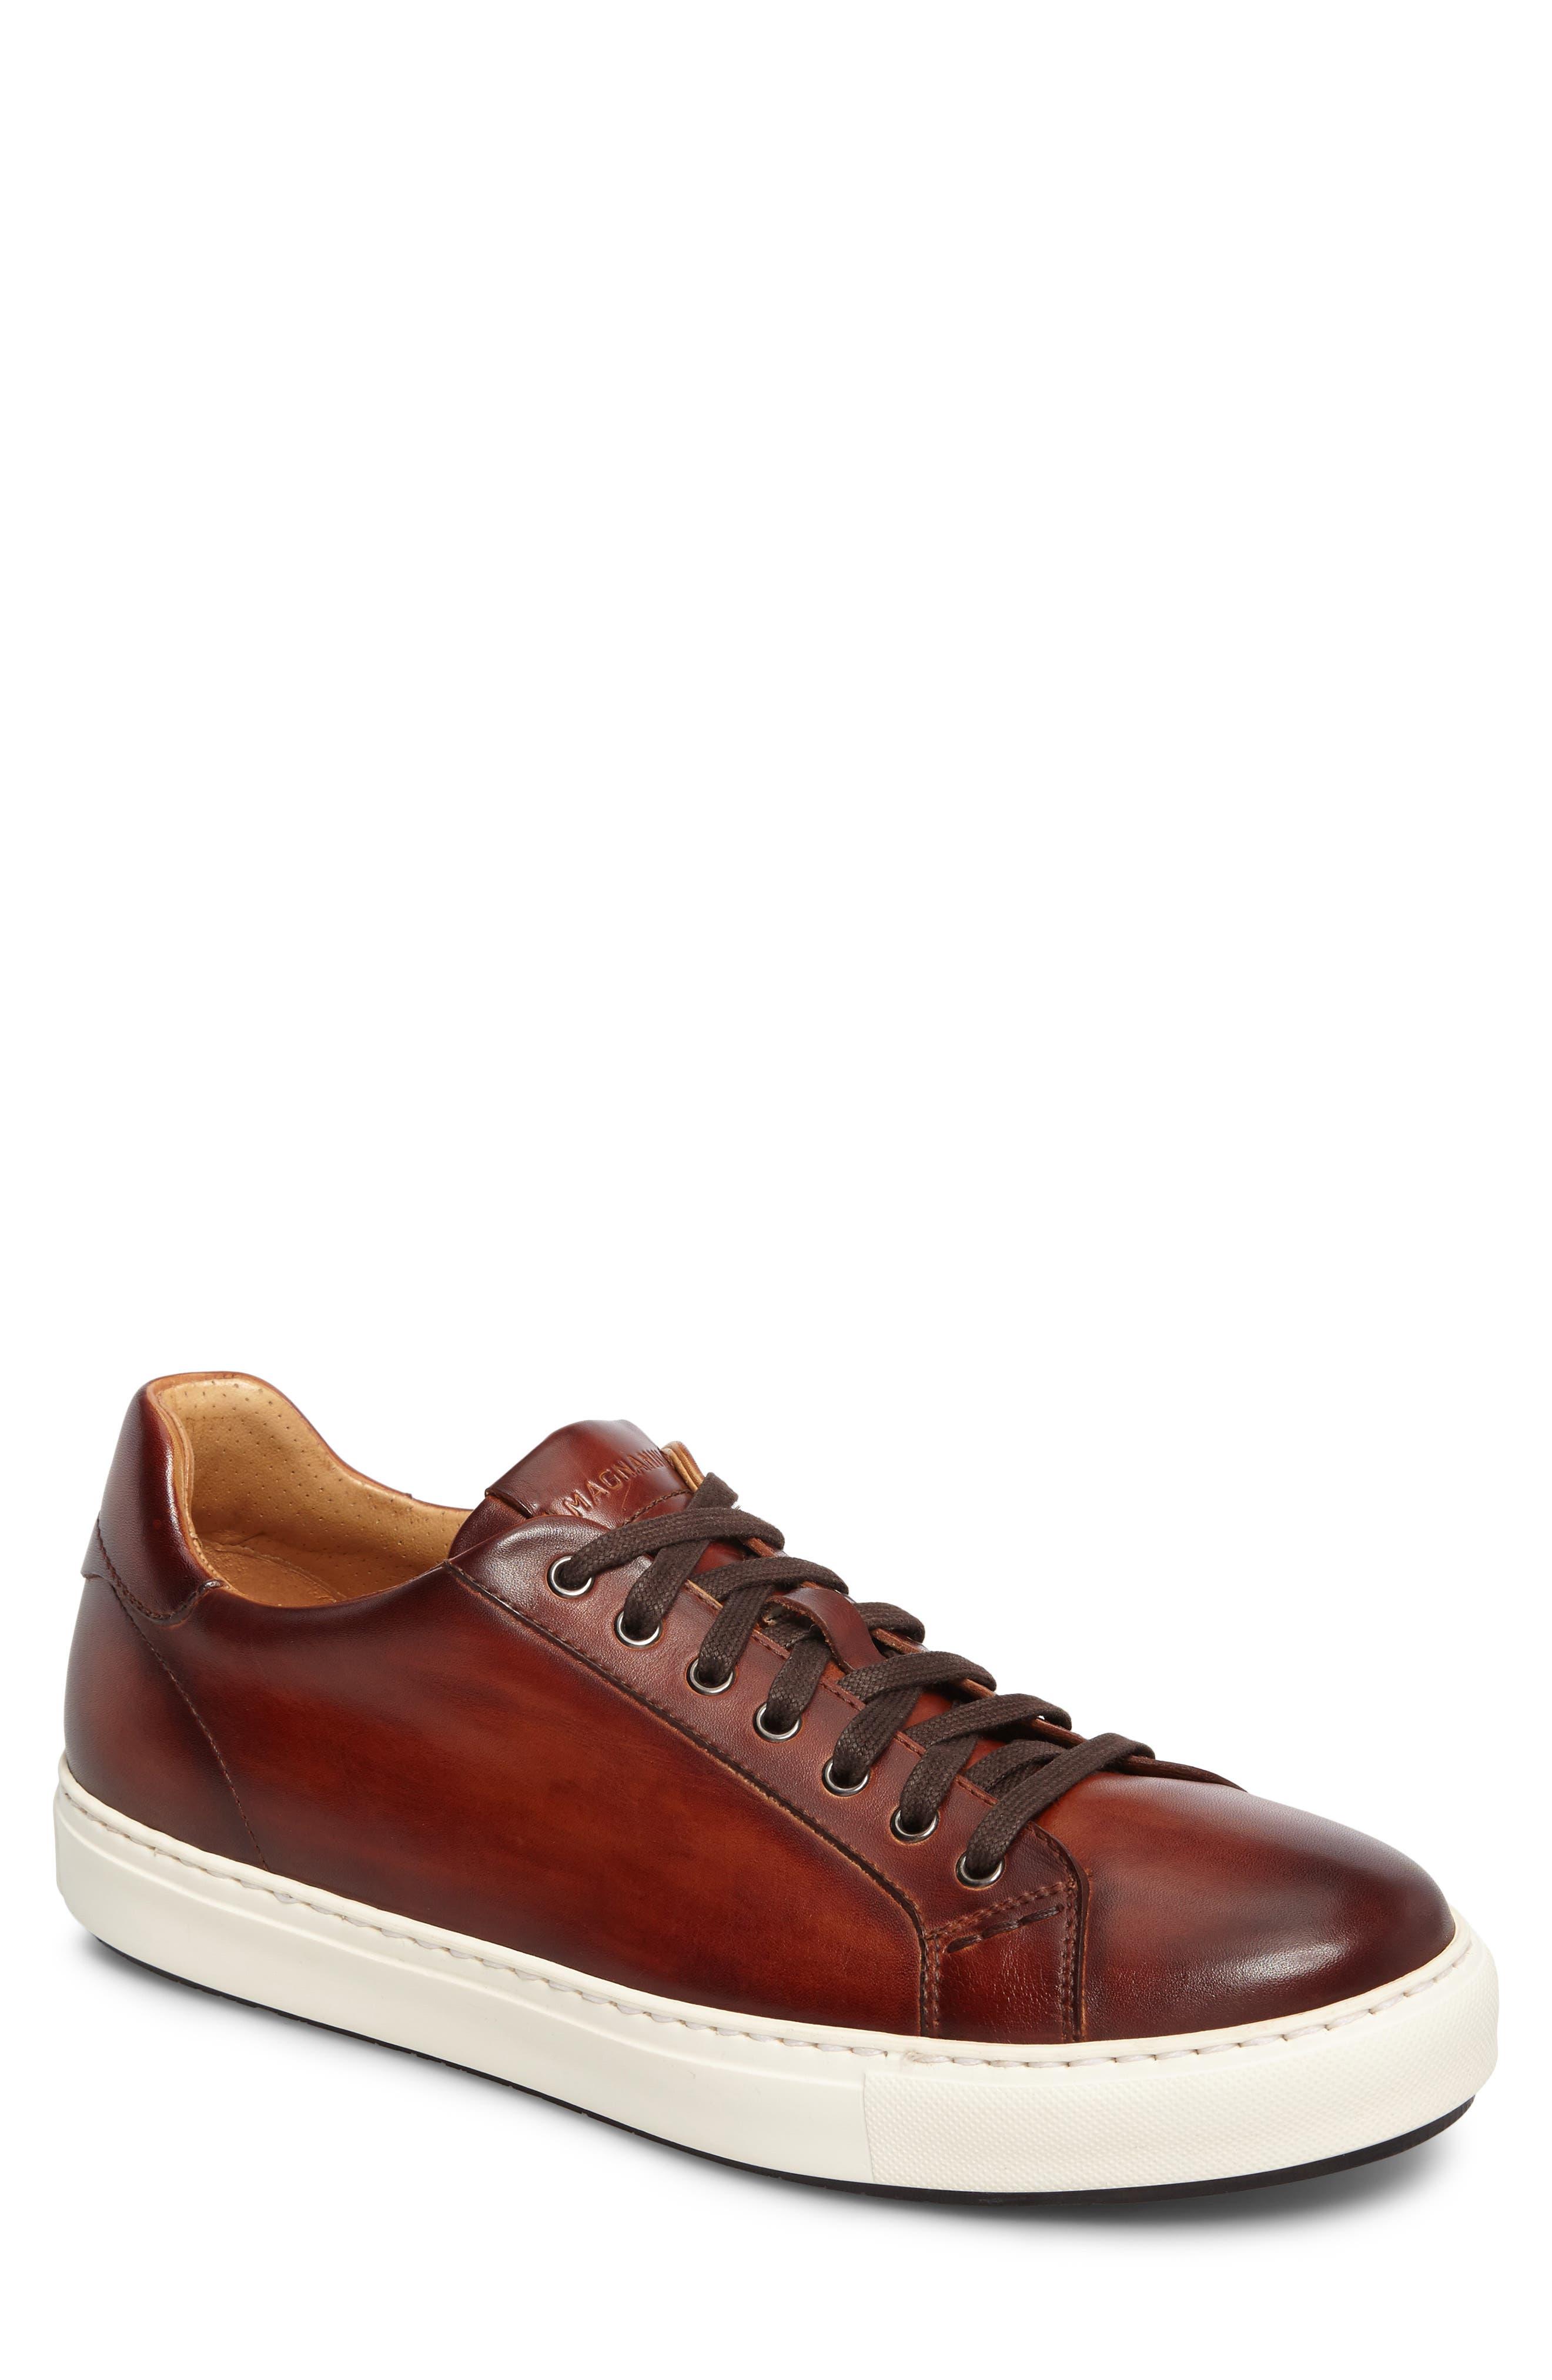 Falco Lo Sneaker,                         Main,                         color, 230